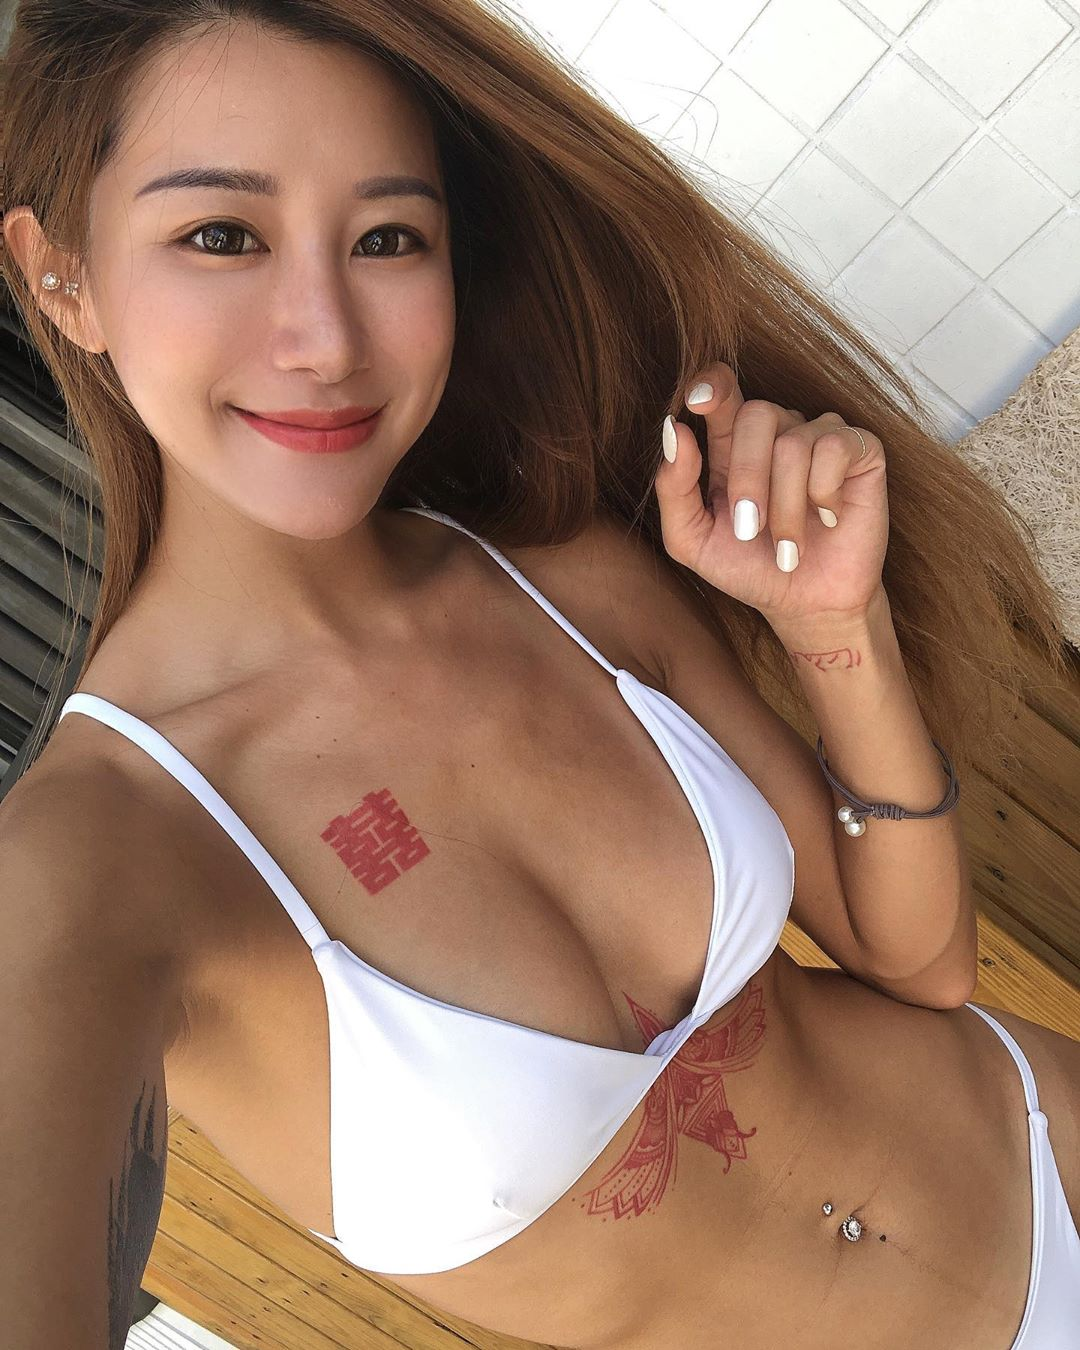 Lara 双囍沙滩翘臀美图 小麦肤色太诱人 第4张